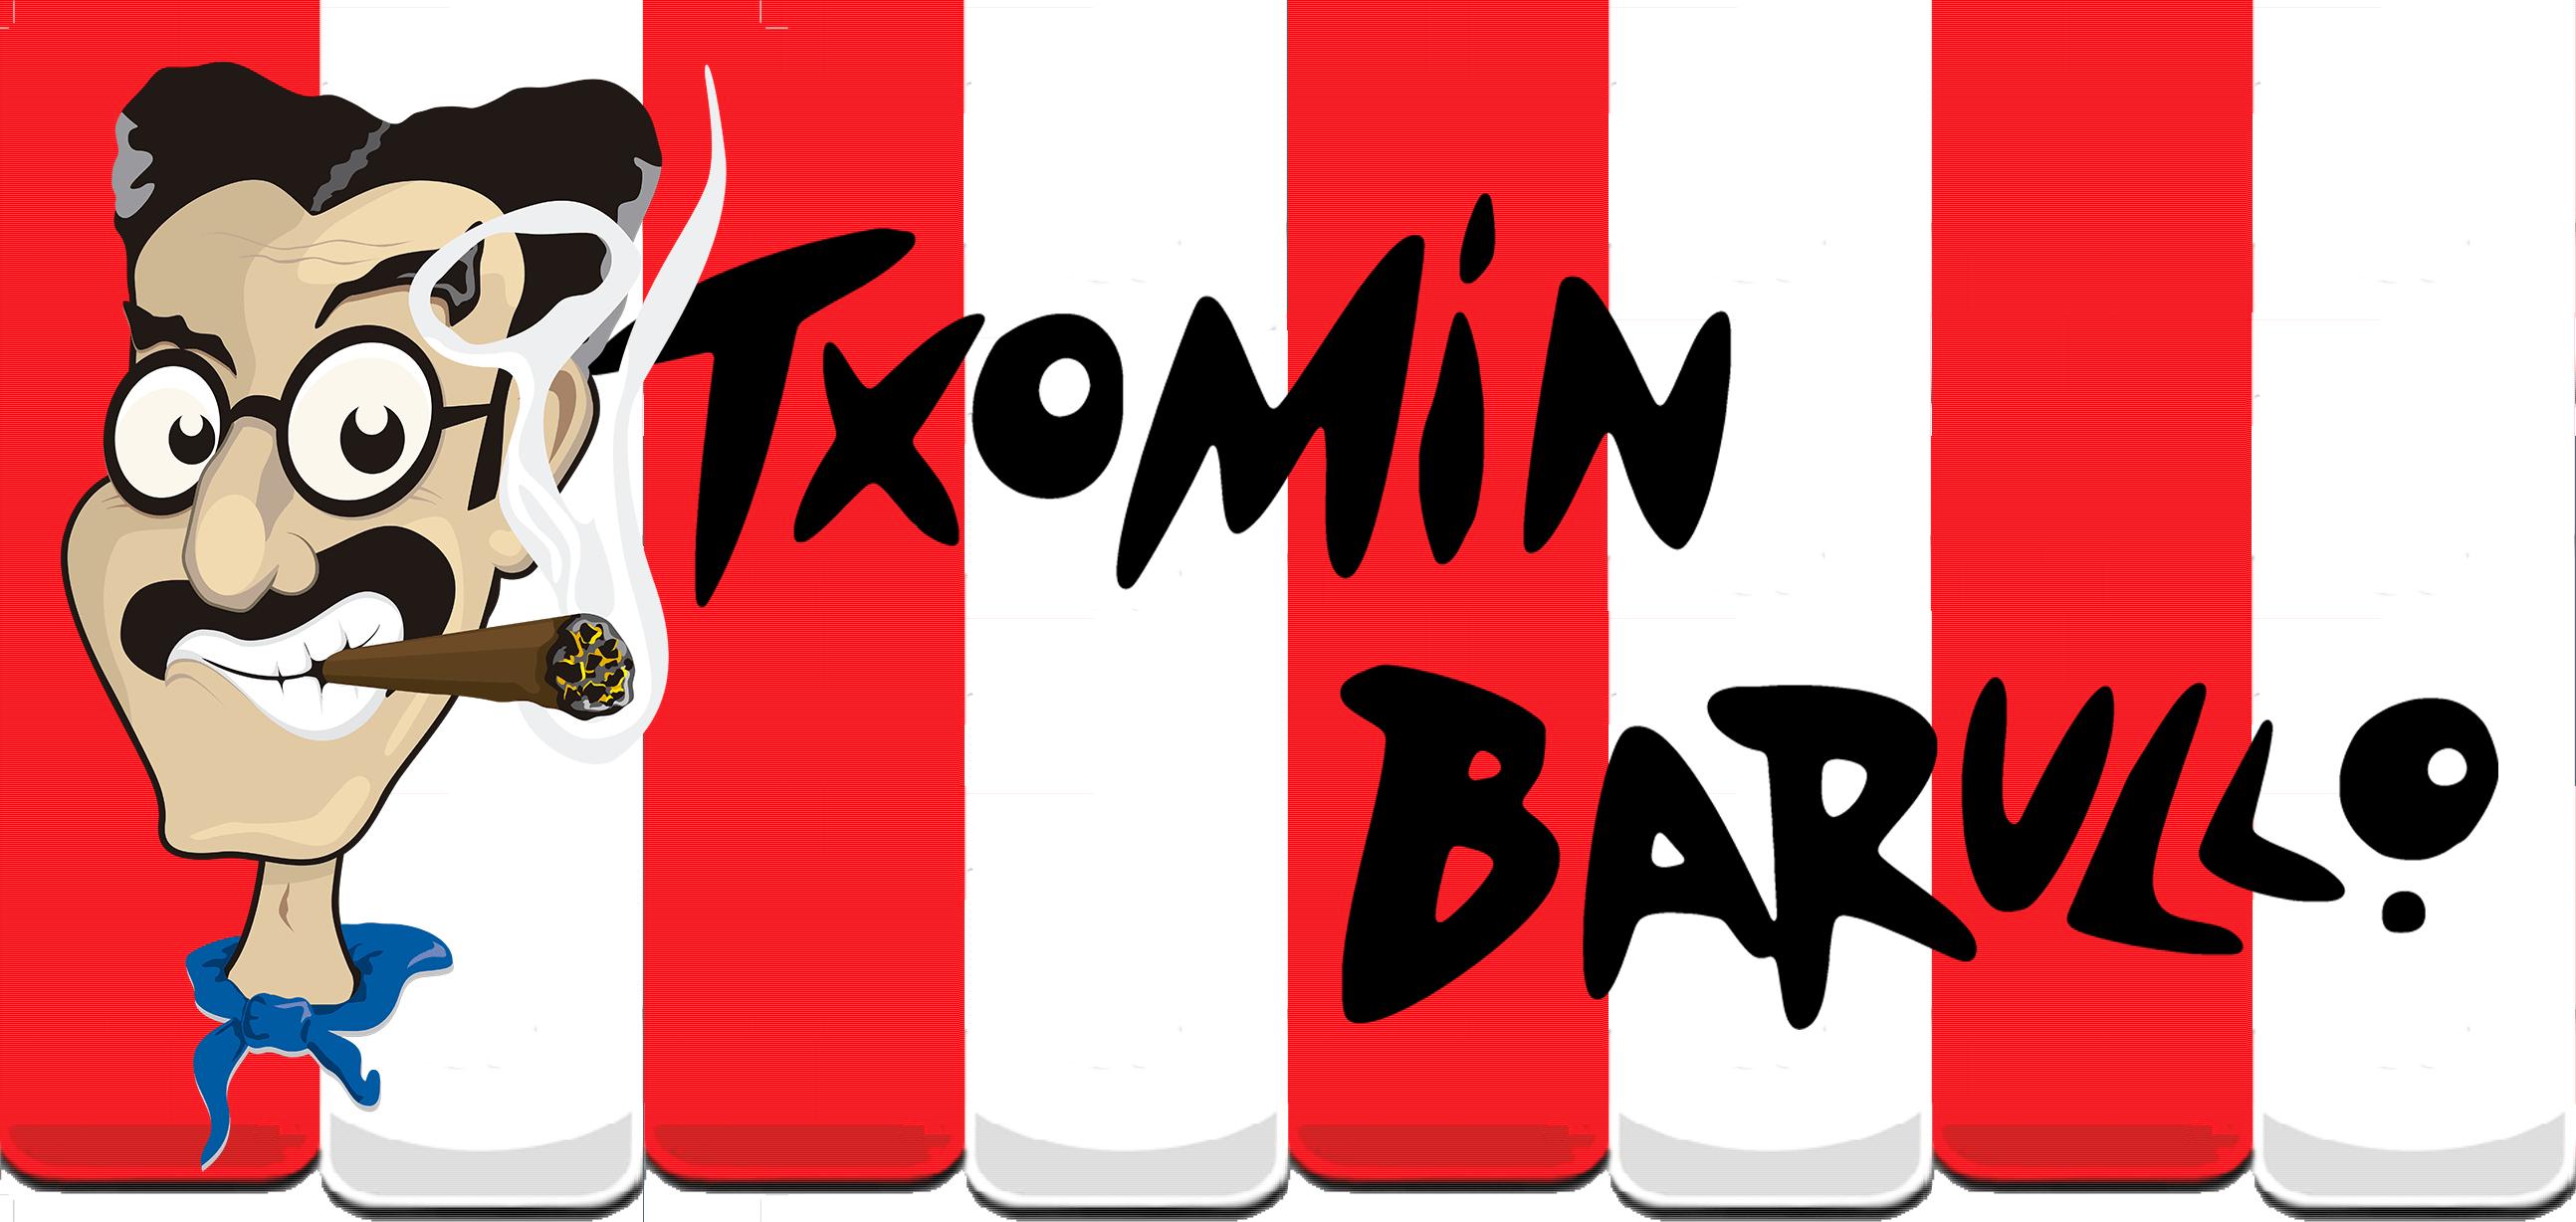 TXOMIN BARULLO